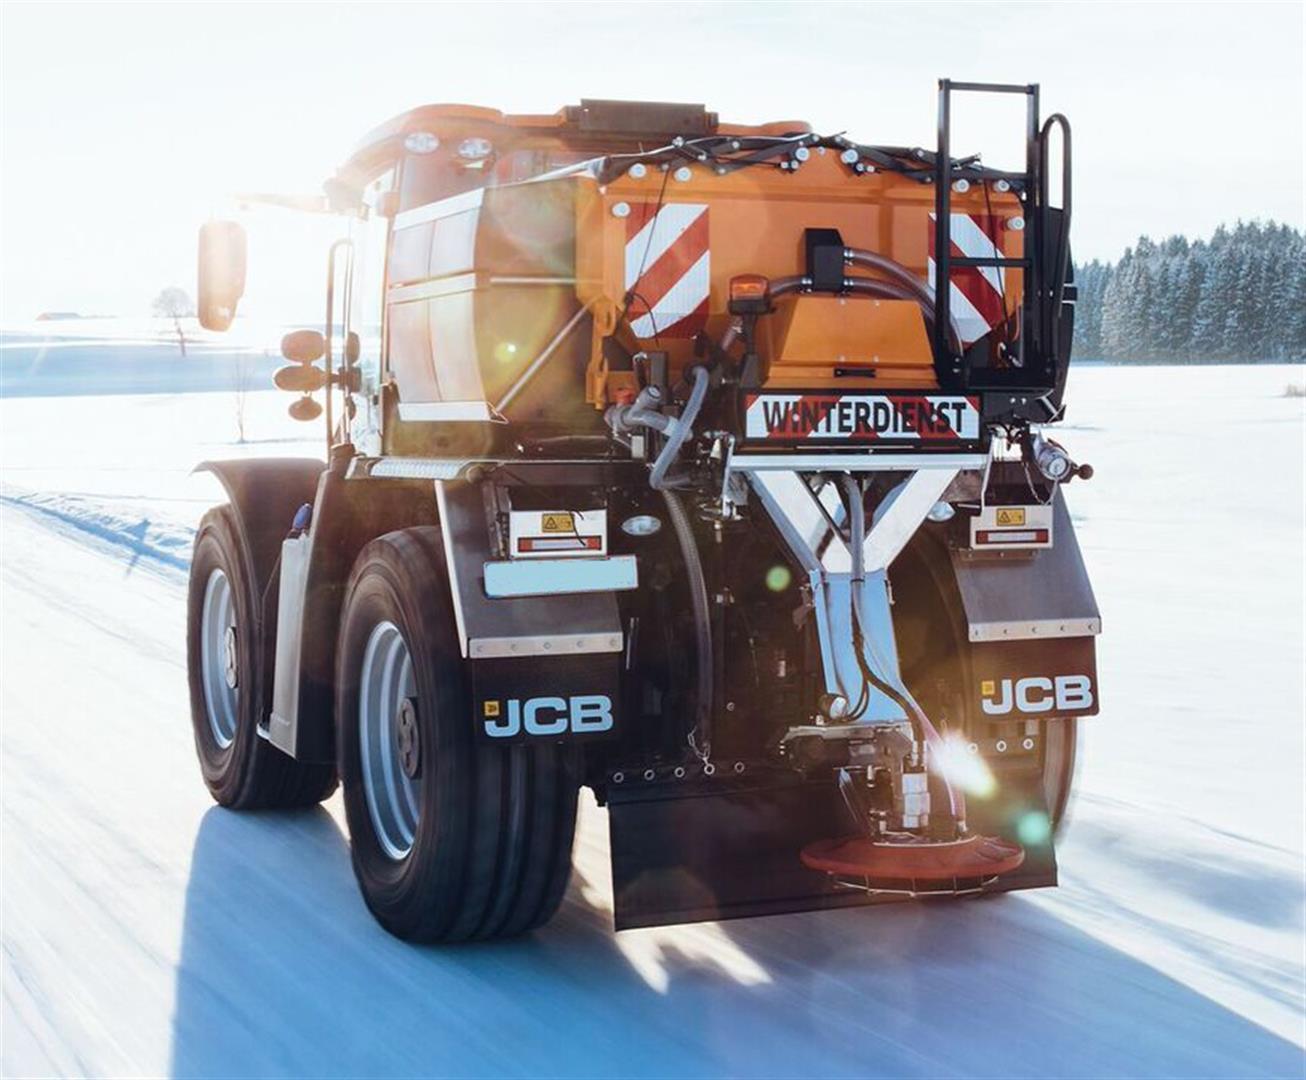 JCB Fastrac 4000 Kommunal, Winterdienst, Streuen